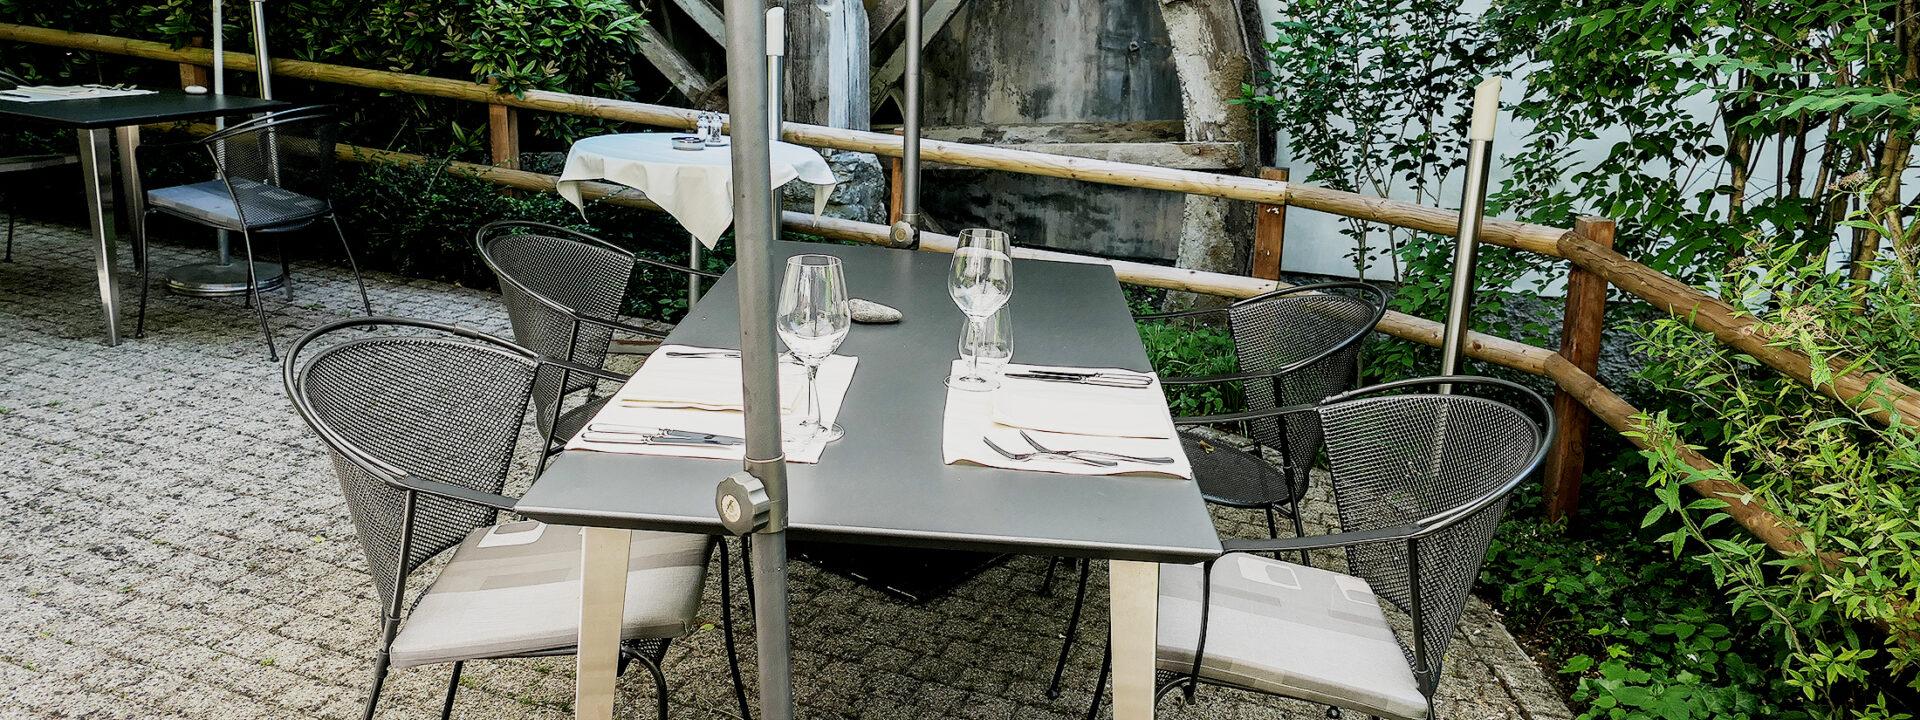 Restaurant Mühle